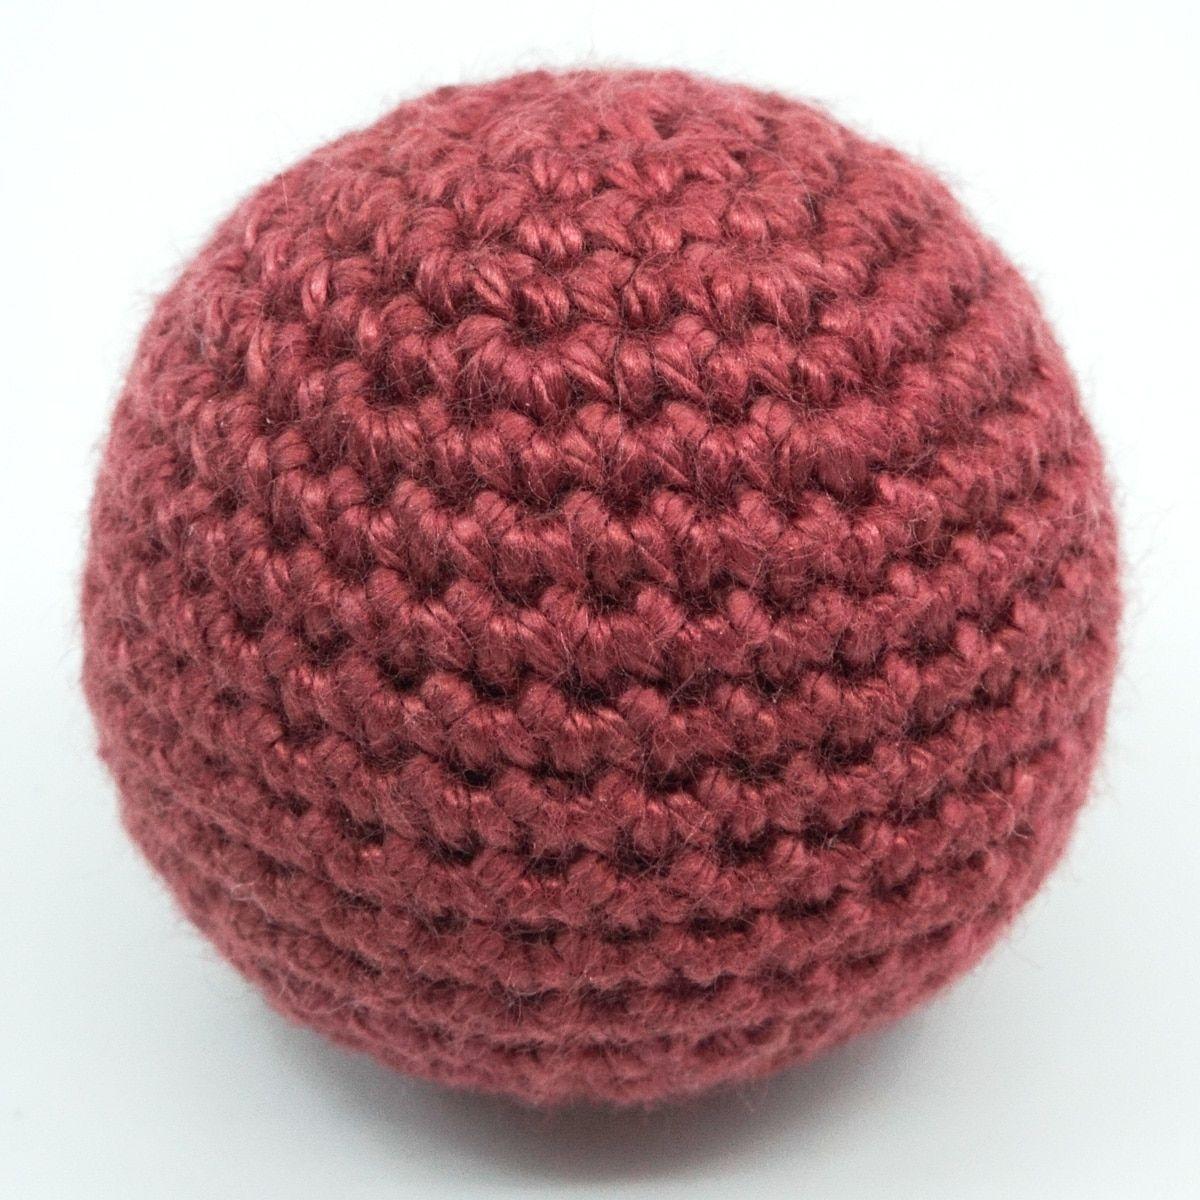 Formen Ball Und Kugel Häkeln Supergurumi Häkeln Pinterest